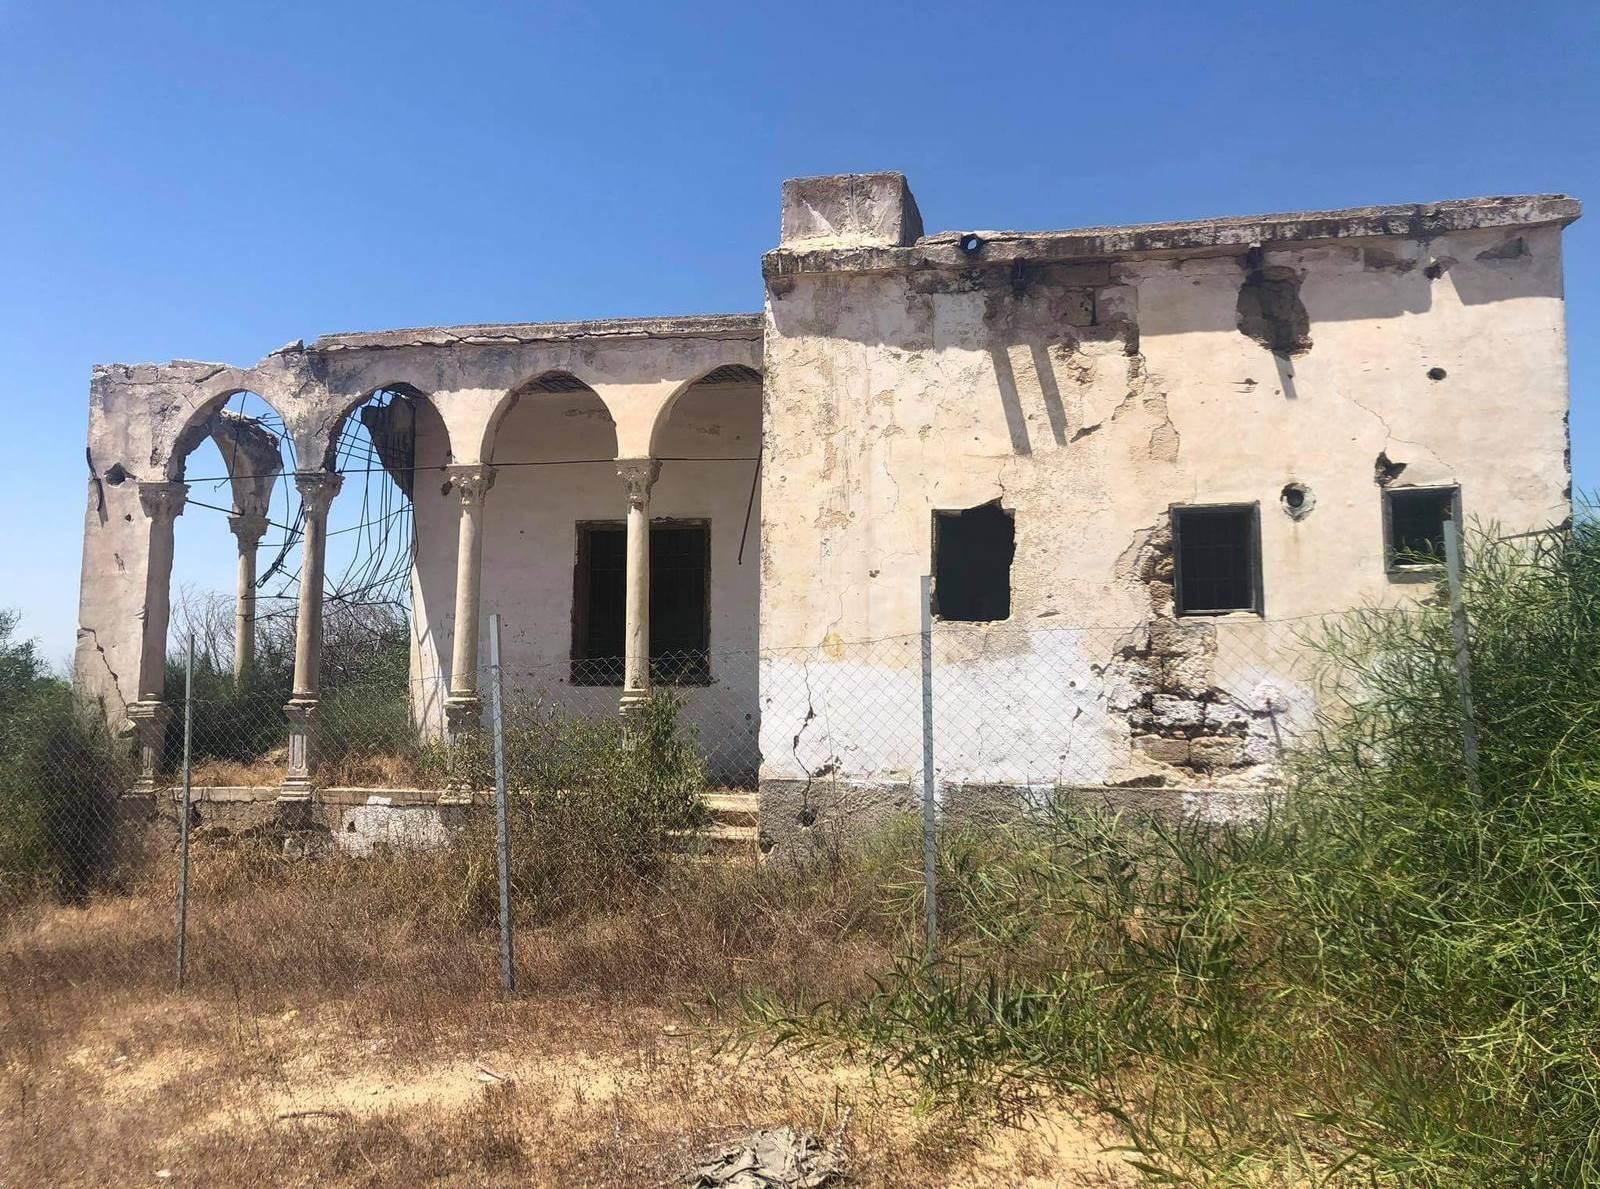 بيت في هربيا شاهد على النكبة